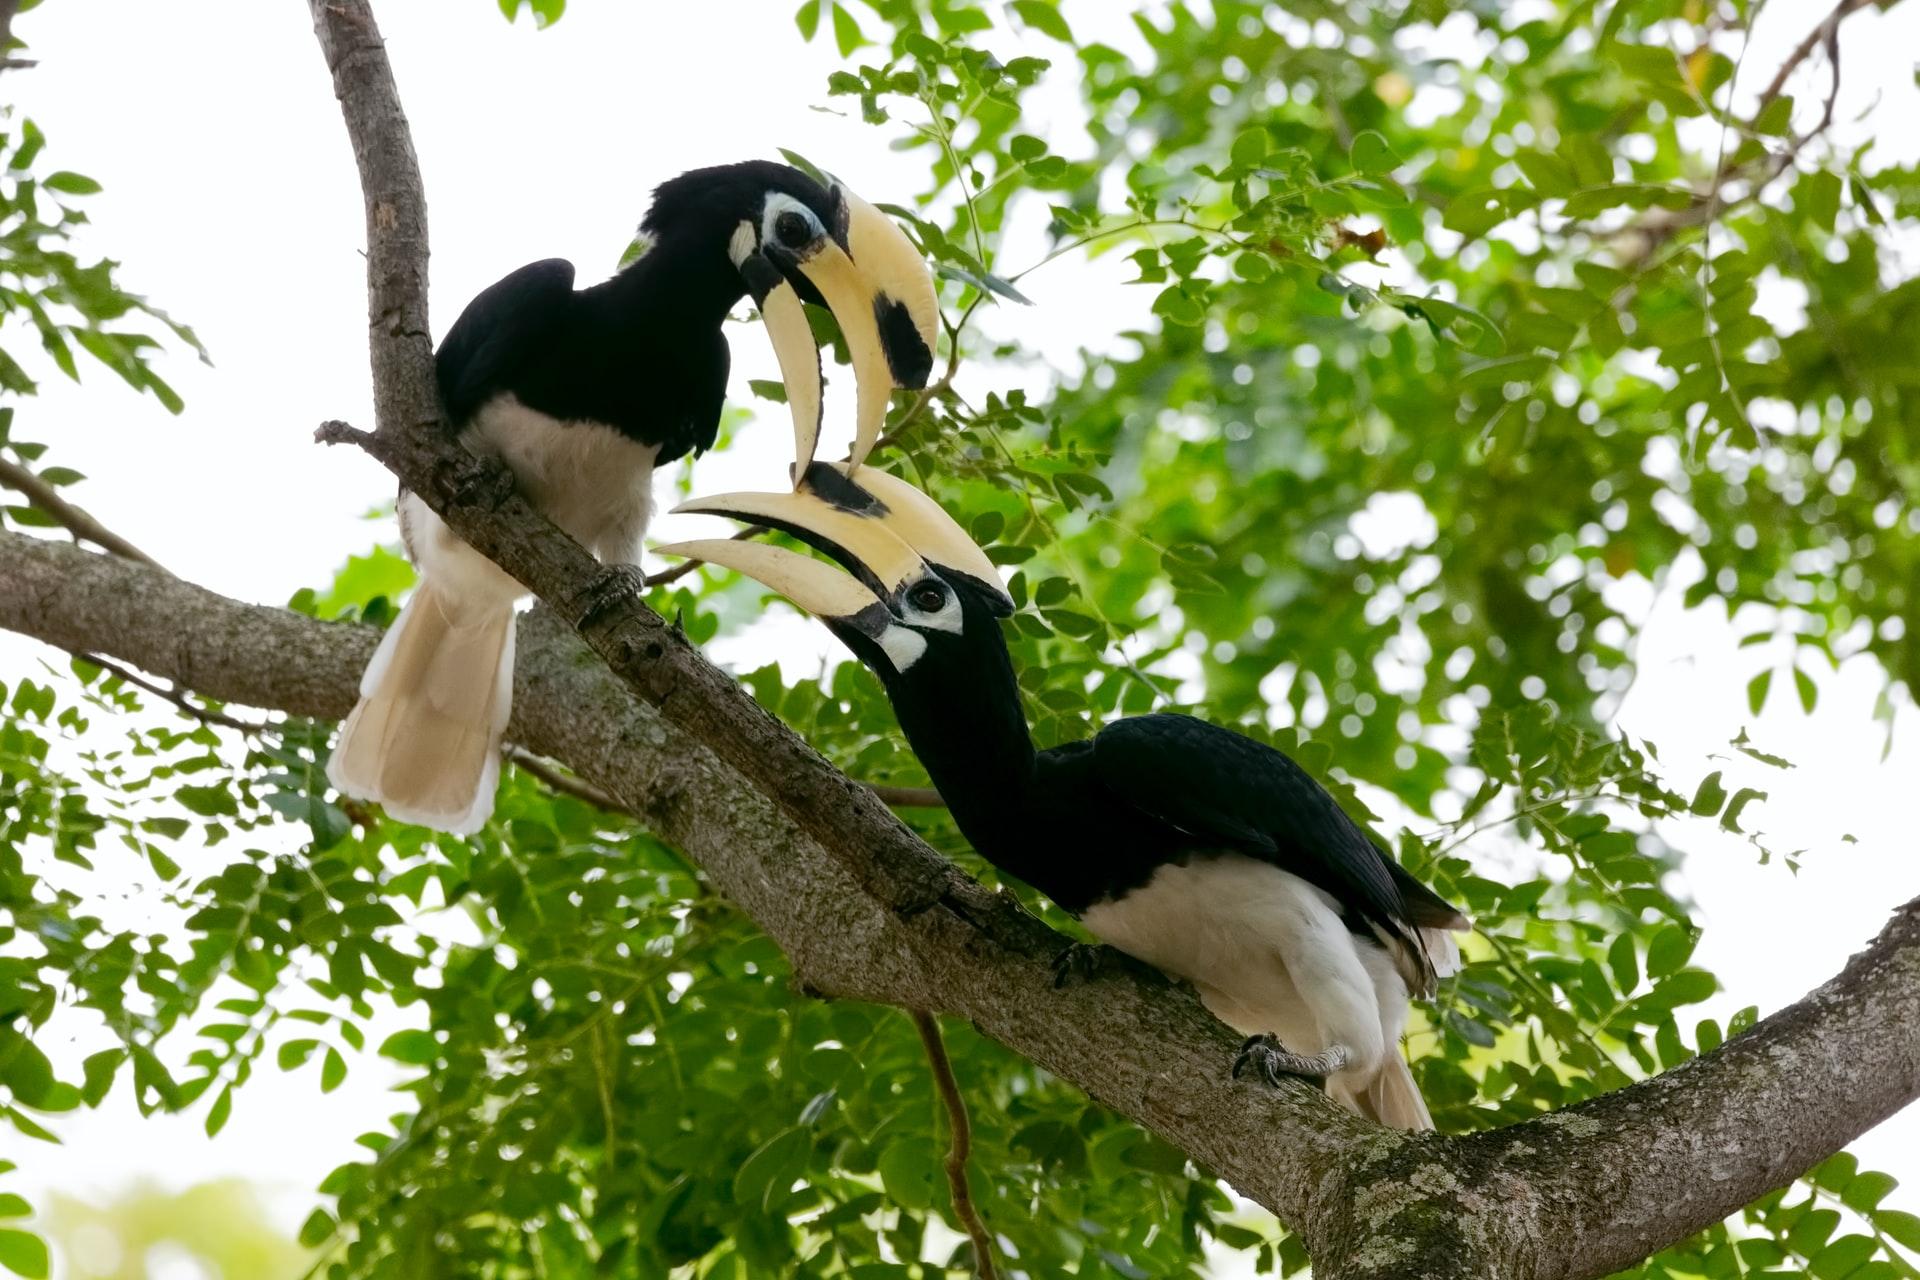 Hornbills in the trees